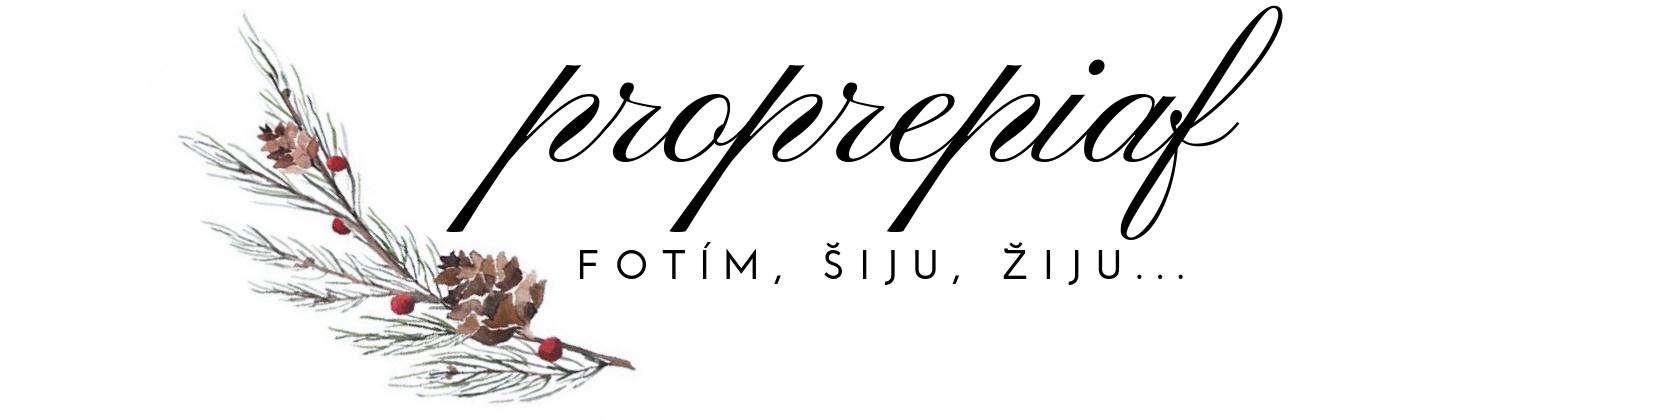 Proprepiaf.cz